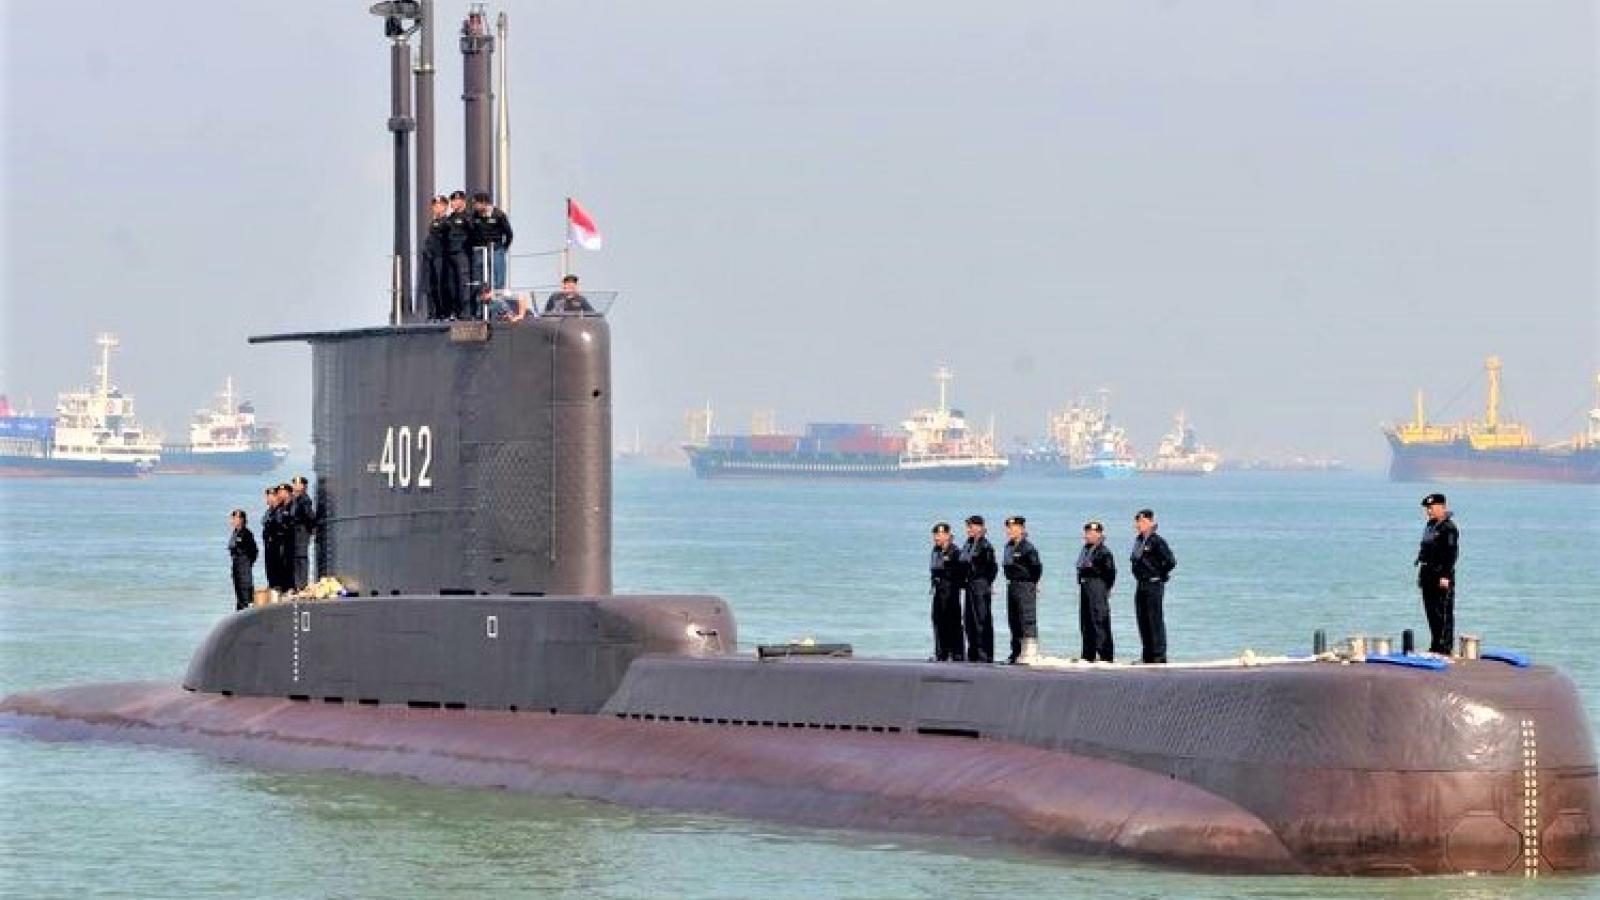 Rủi ro và tai nạn đau thương không ngừng rình rập tàu ngầm